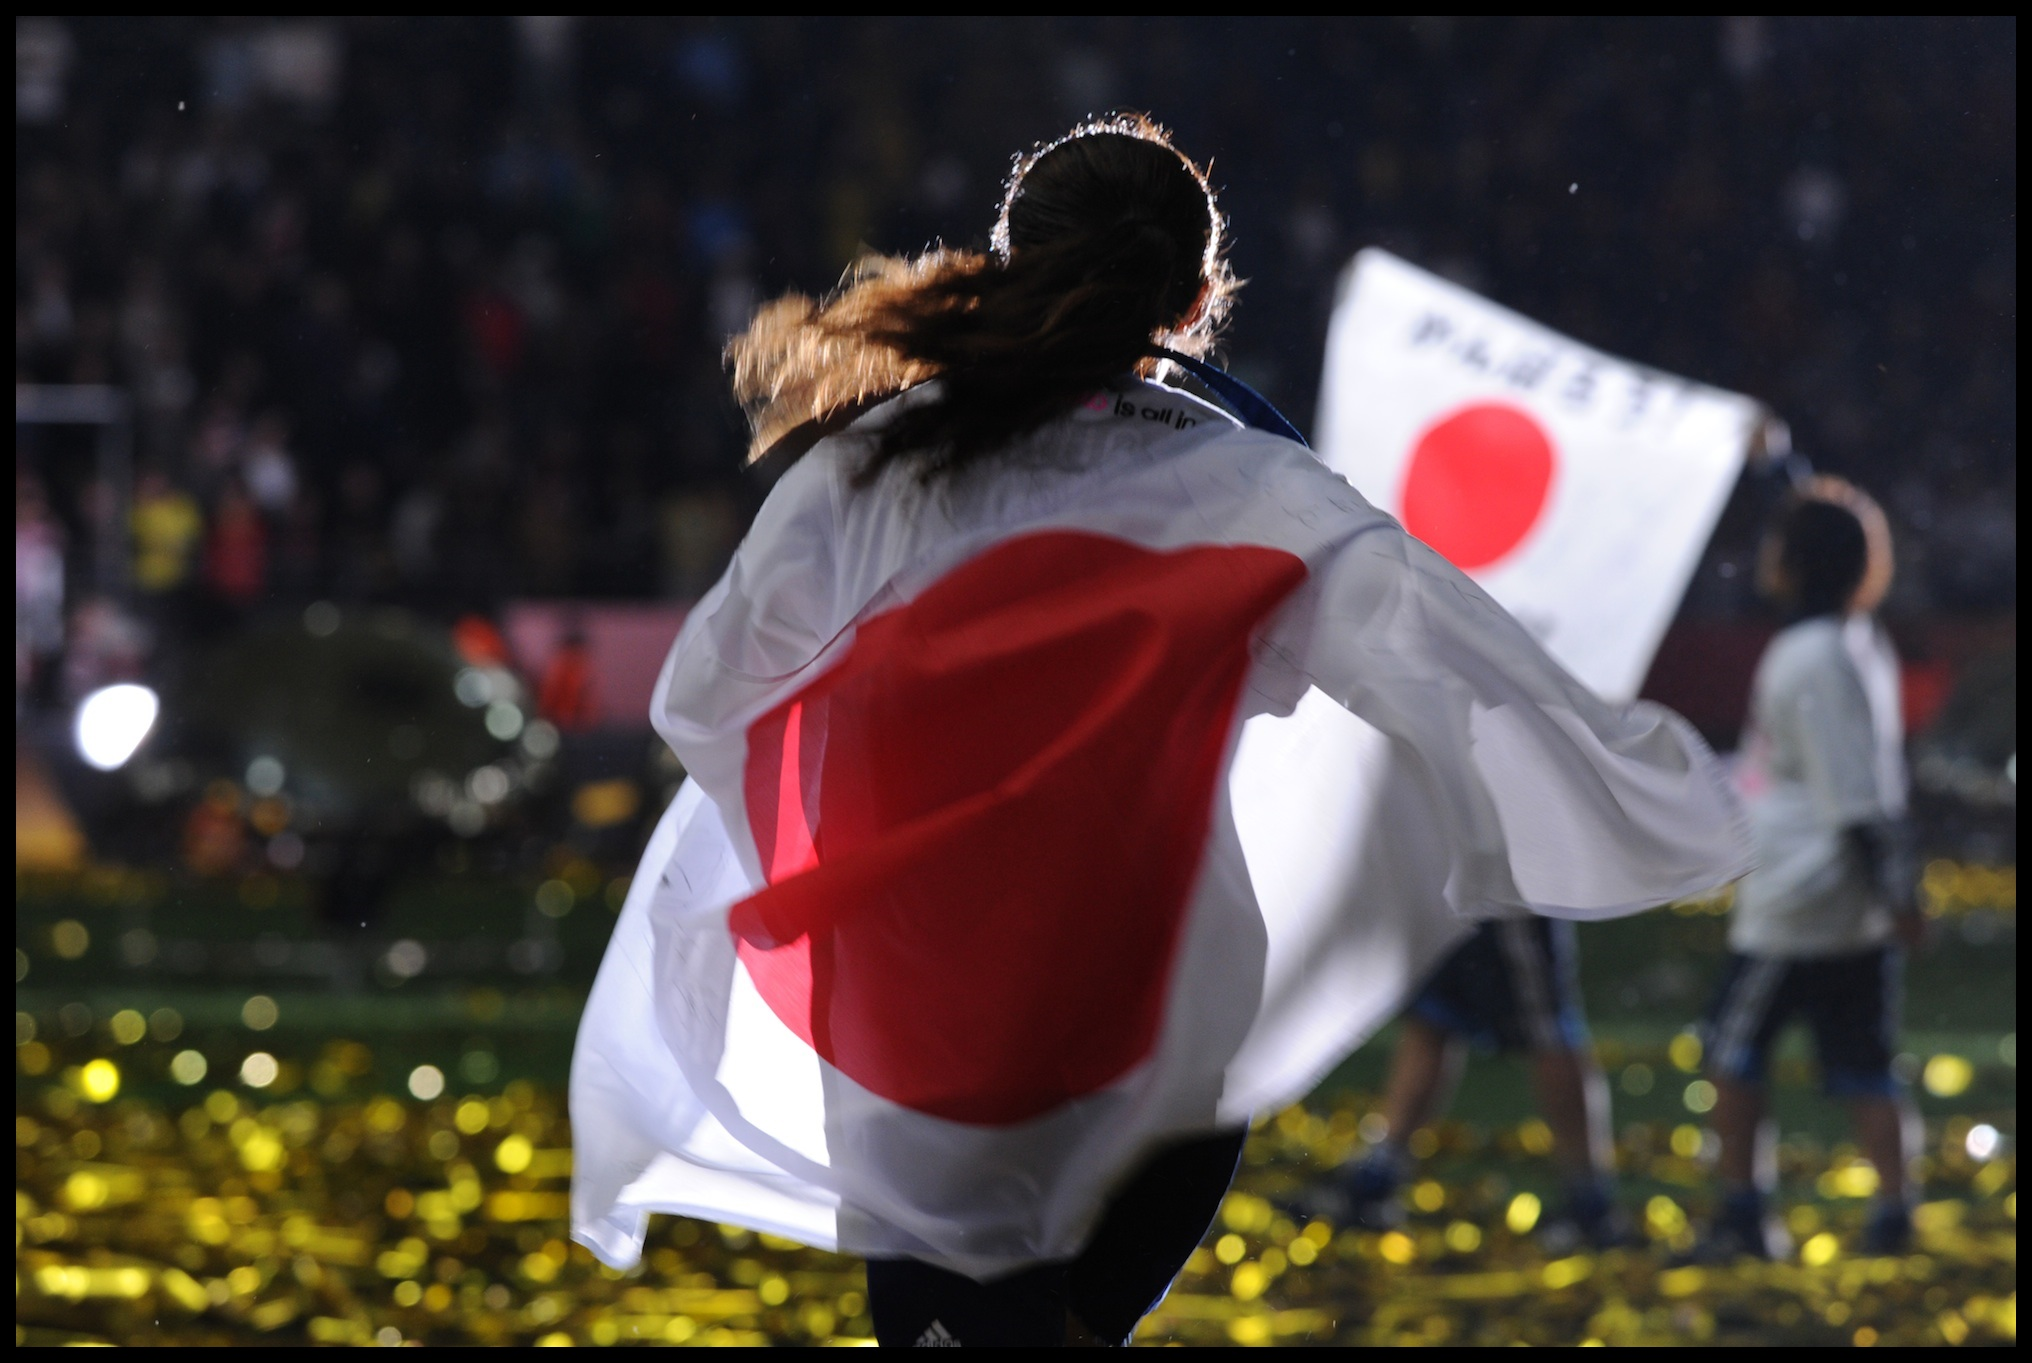 なでしこジャパンW杯2015メンバー発表!澤穂希選出!高瀬が選外